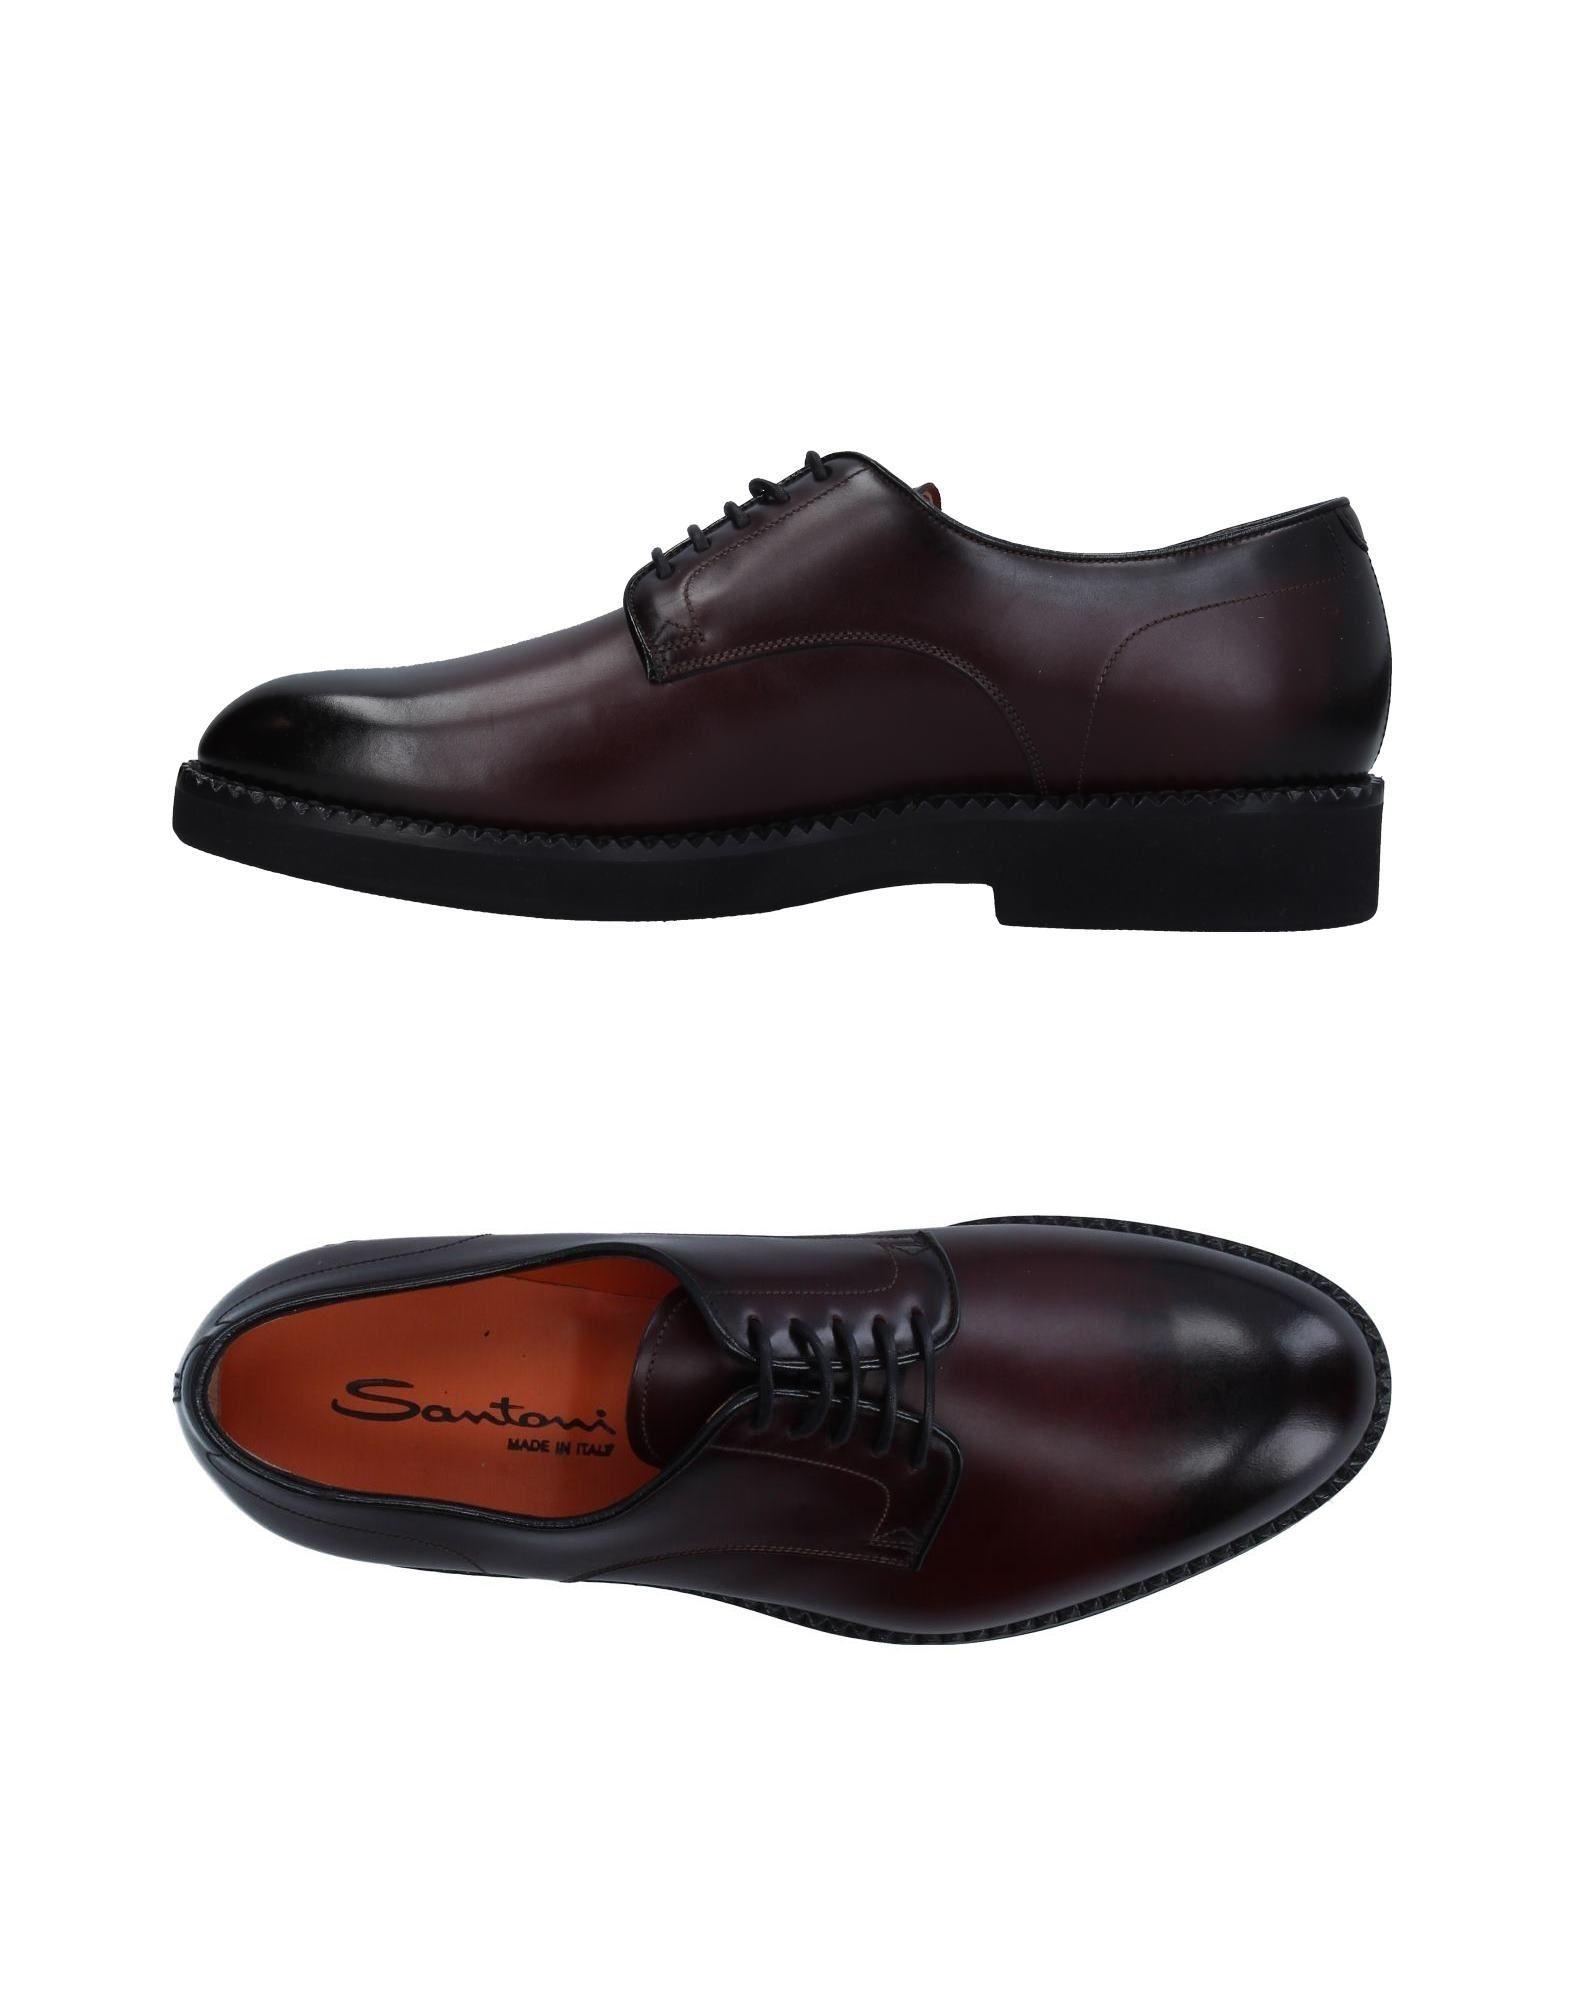 Santoni Schnürschuhe Herren  11319337XO Gute Qualität beliebte Schuhe